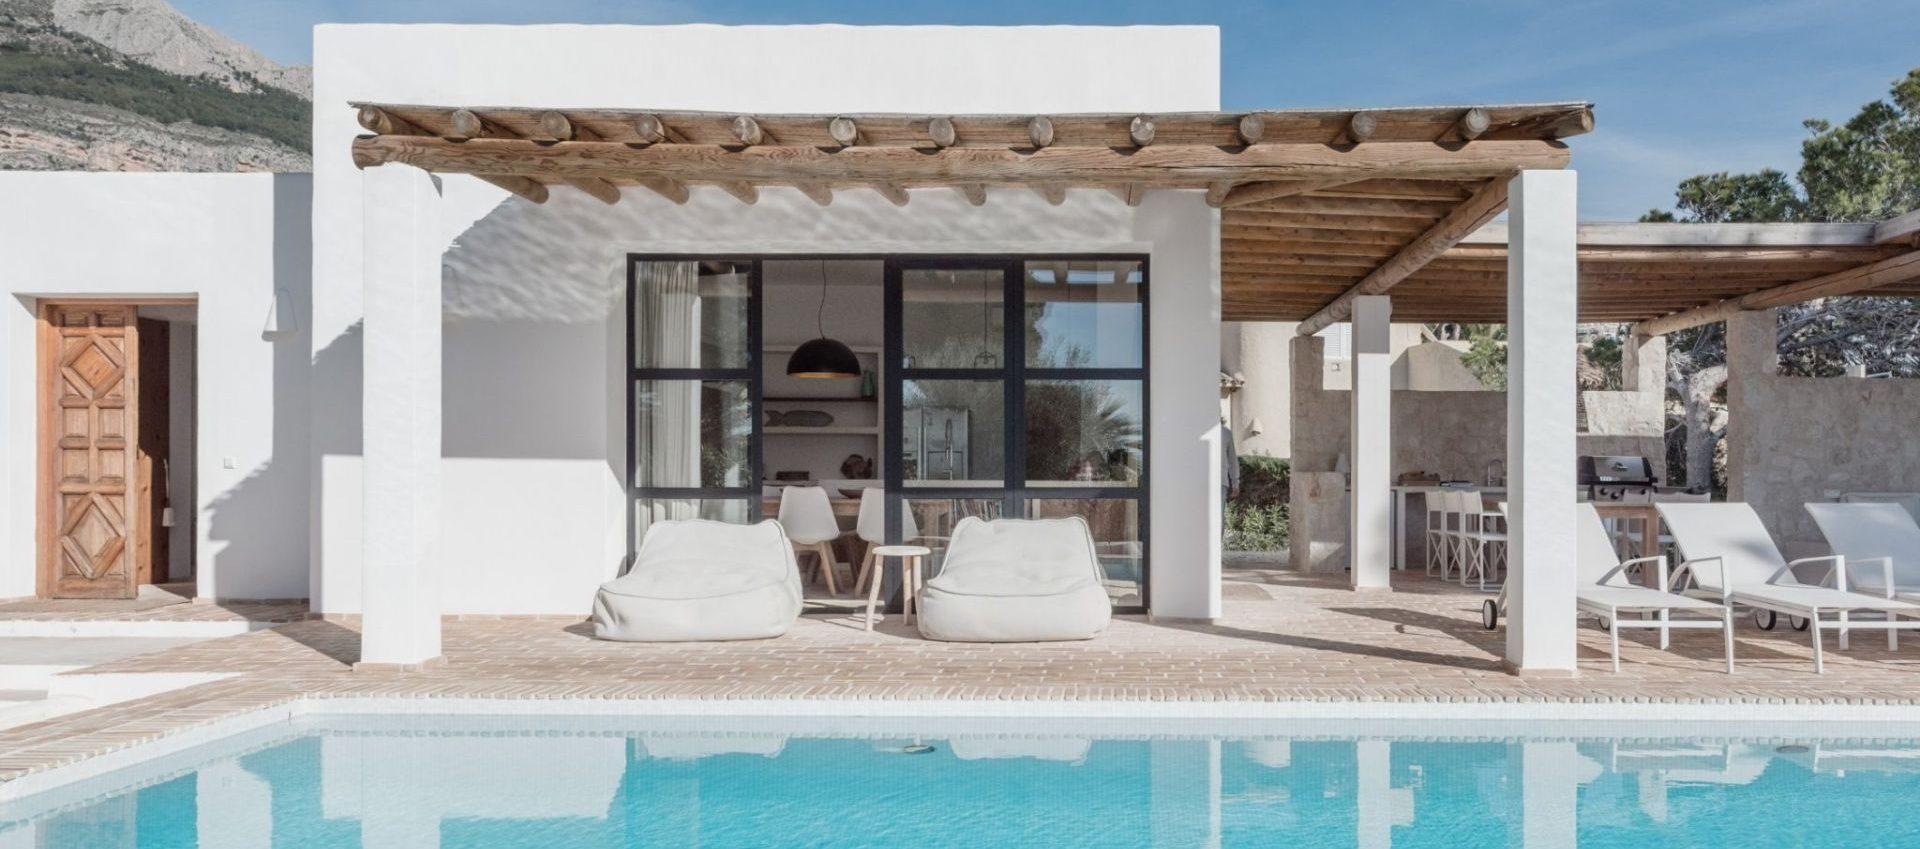 Villa im Ibiza-Stil mit Pool in exklusiver Lage in Altea zu verkaufen